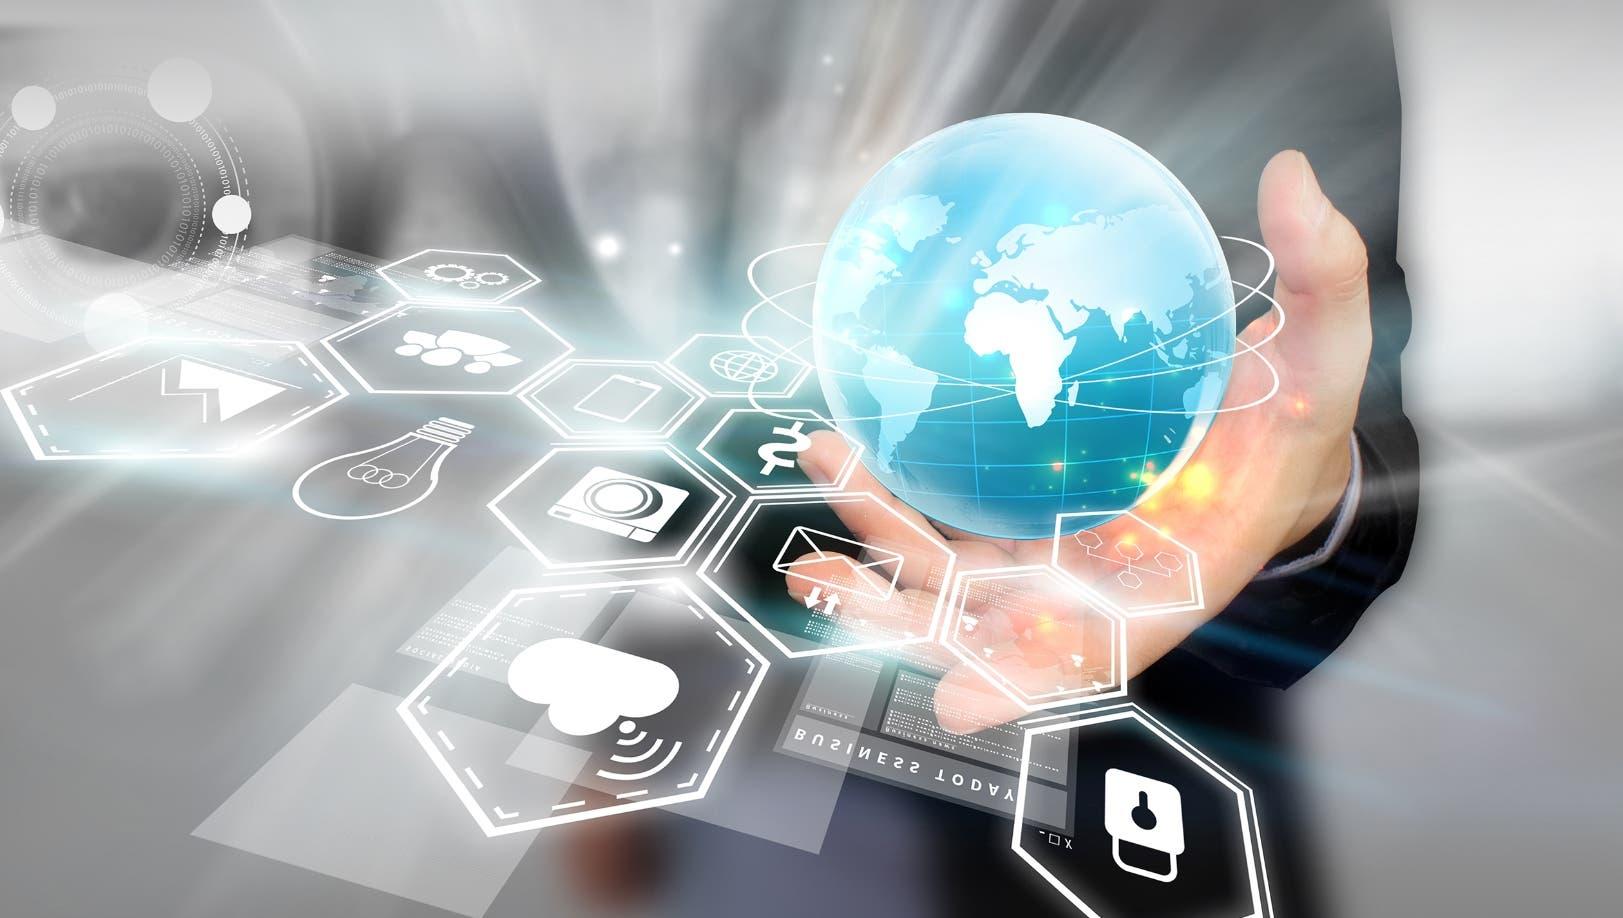 Si no se utilizan las herramientas tecnológicas de manera correcta puede repercutir negativamente en una marca.